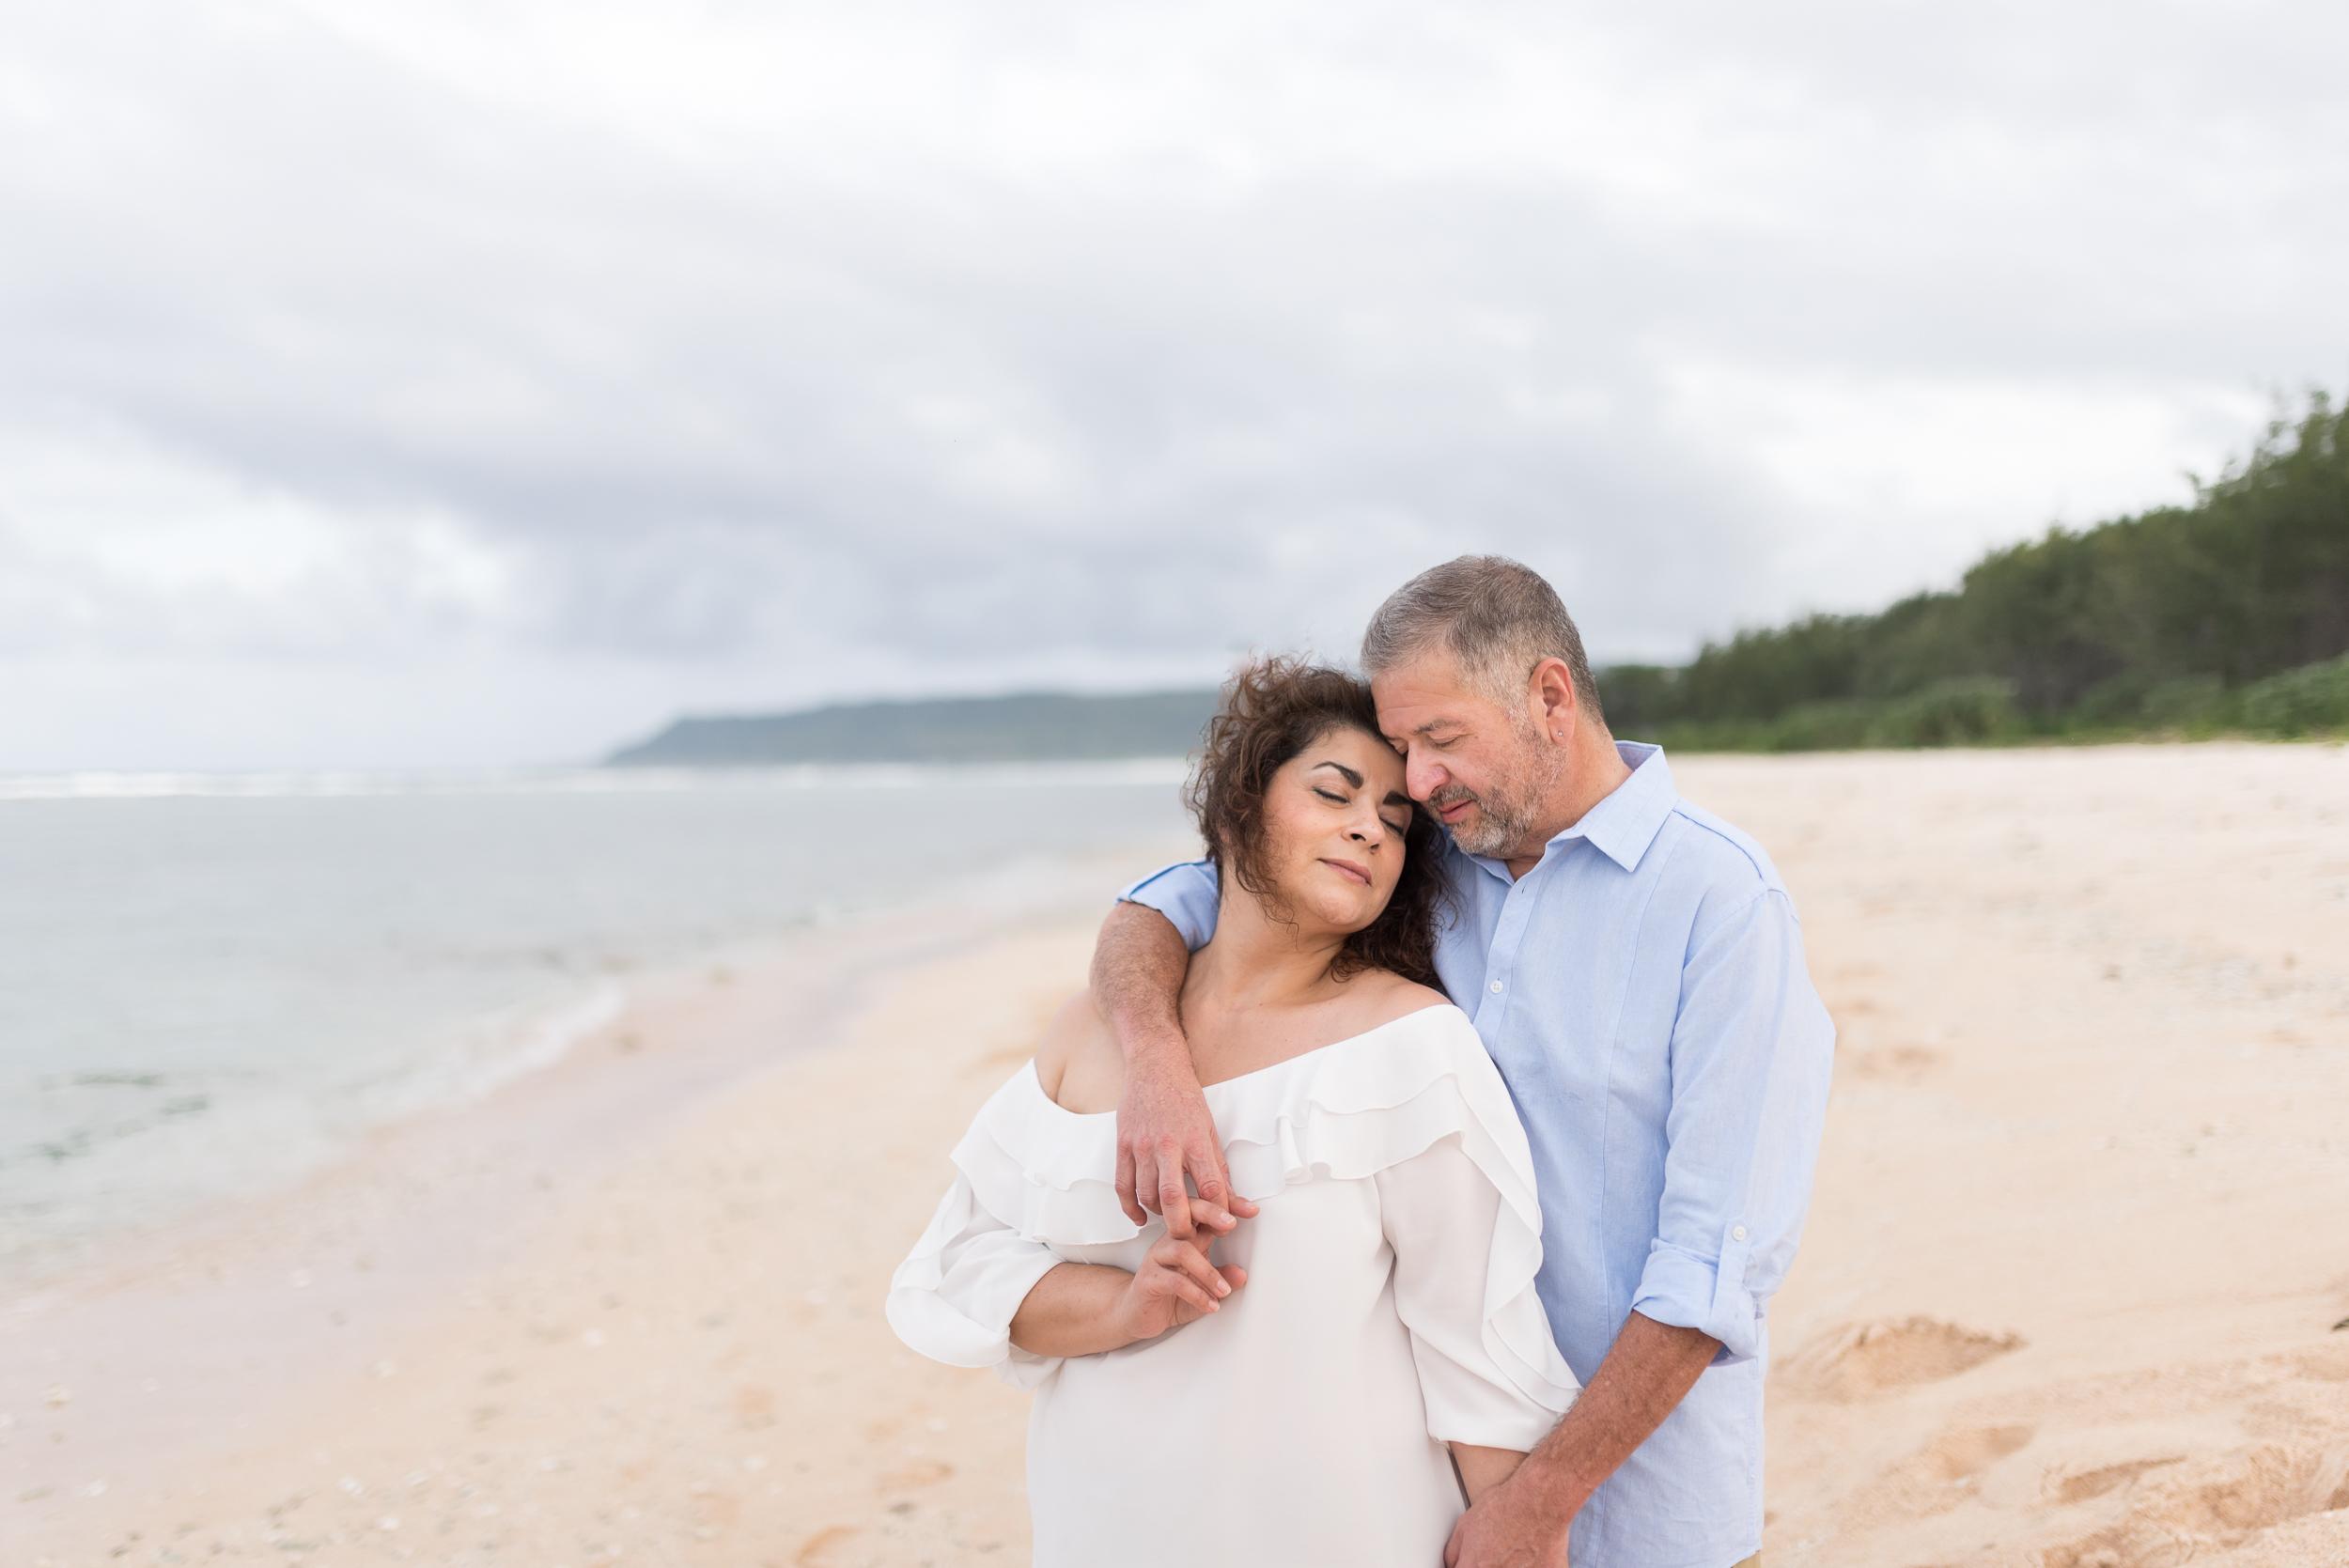 CouplesSessionTaragueGuamPhotographer-ROXANNEAUGUSTA-13.jpg